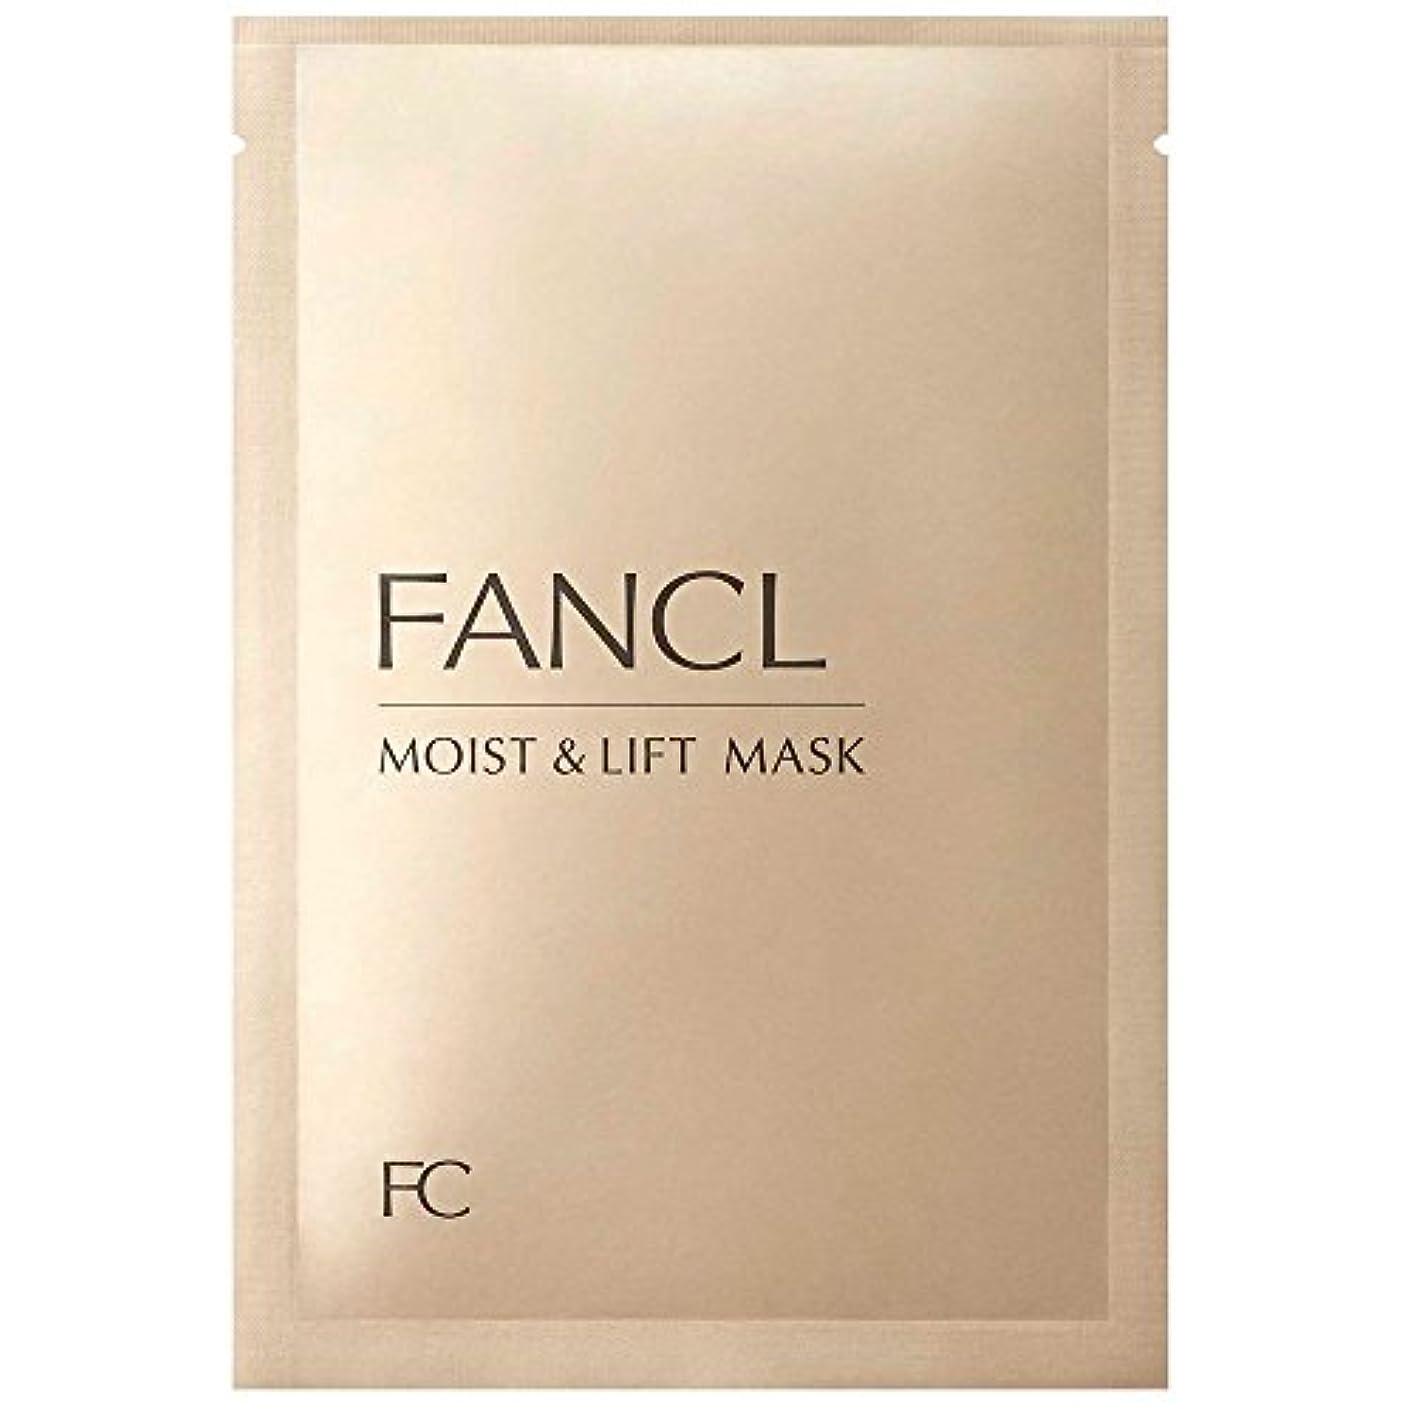 玉ねぎ解放する道を作るファンケル(FANCL) モイスト&リフトマスク(M&L マスク)28mL×6枚